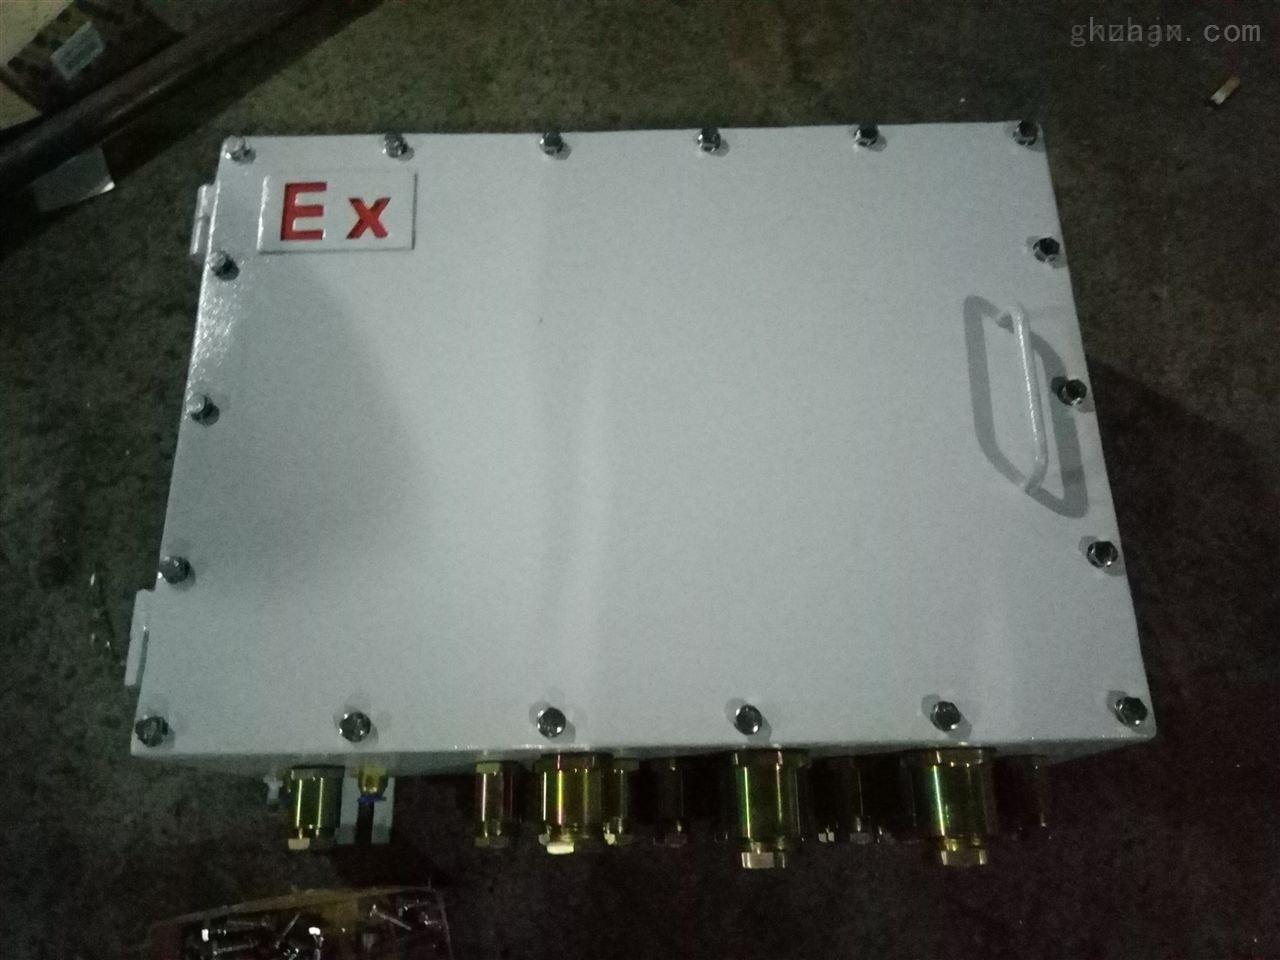 BJX防爆接线箱 防爆接线端子箱 防爆操作箱 304不锈钢